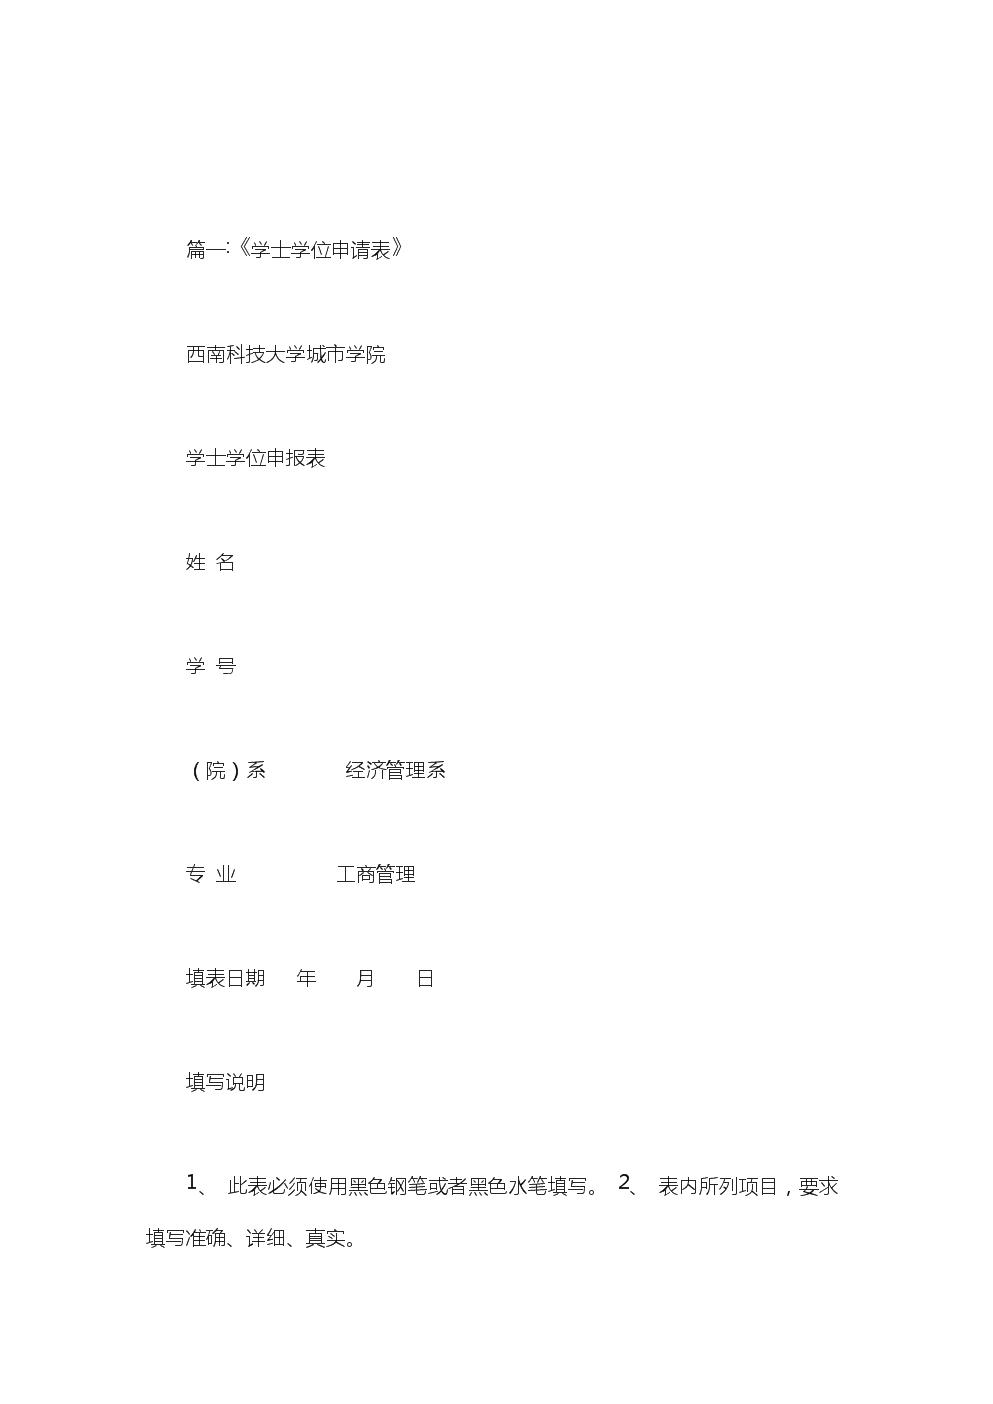 大学学士学位申请表申请理由范文.doc